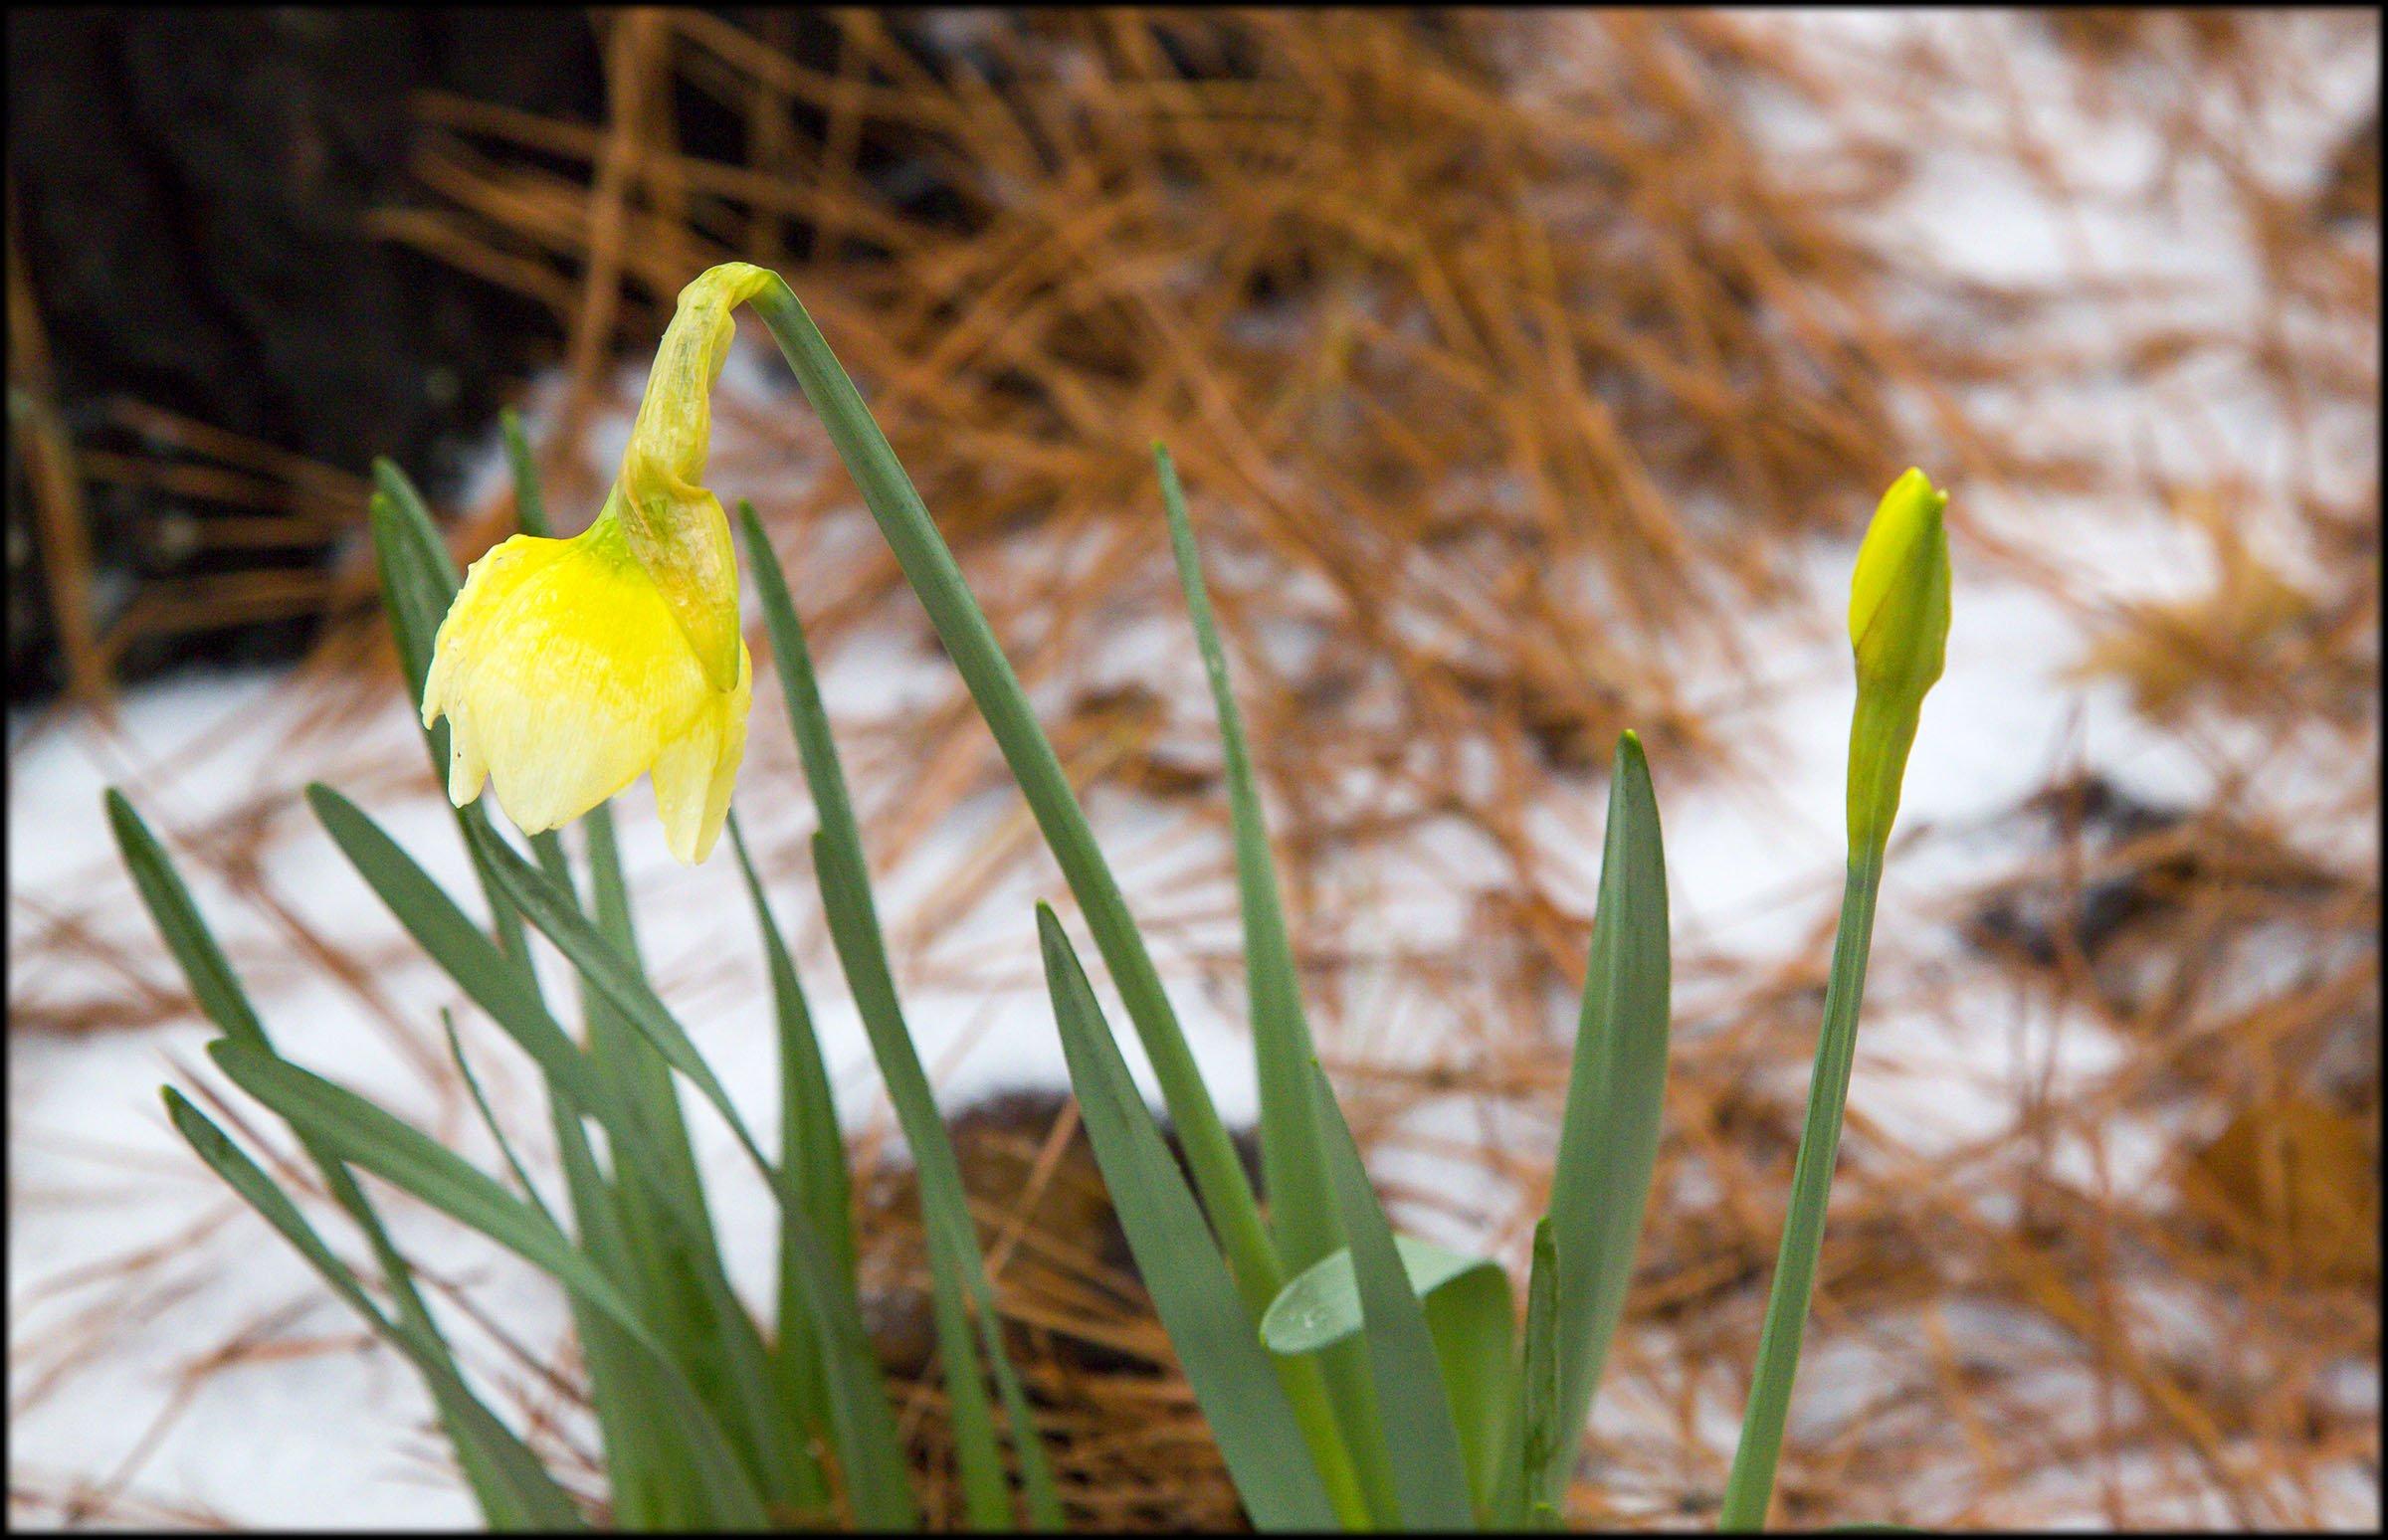 2015-02-23_DaffodilinSnow